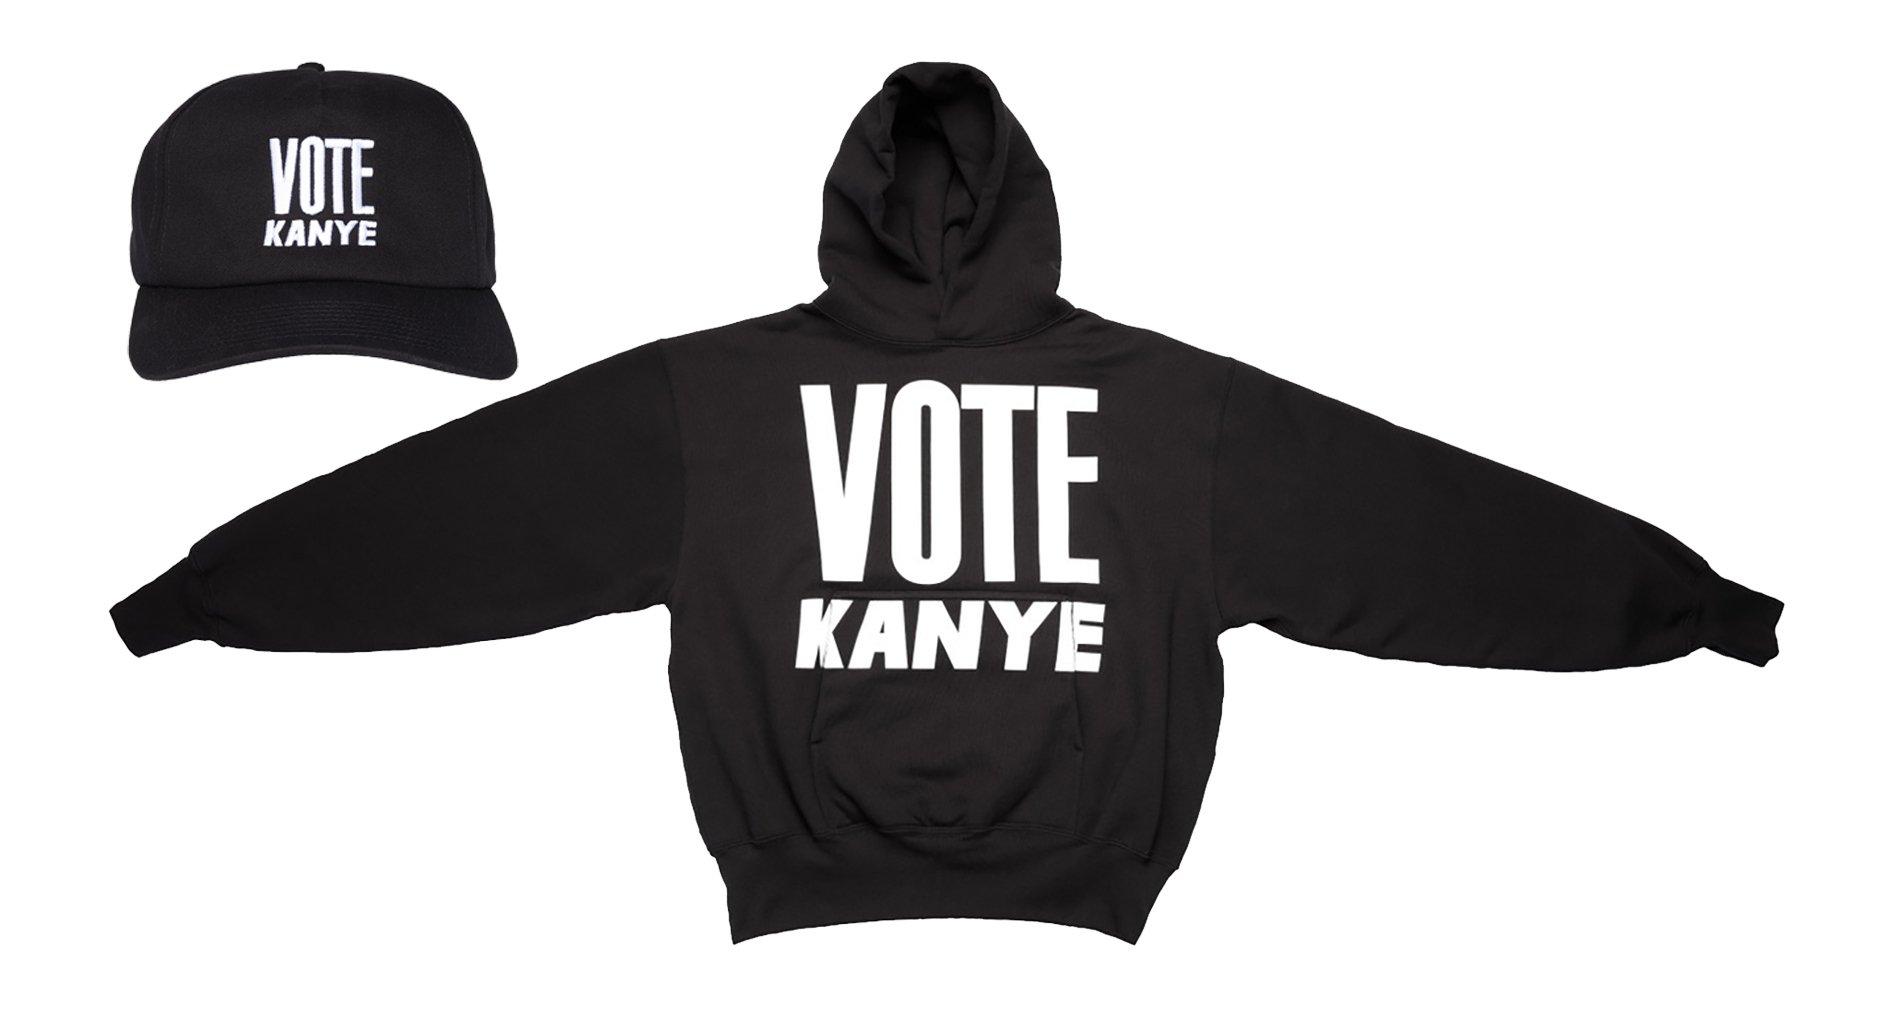 Vote Kanye hat and hoodie